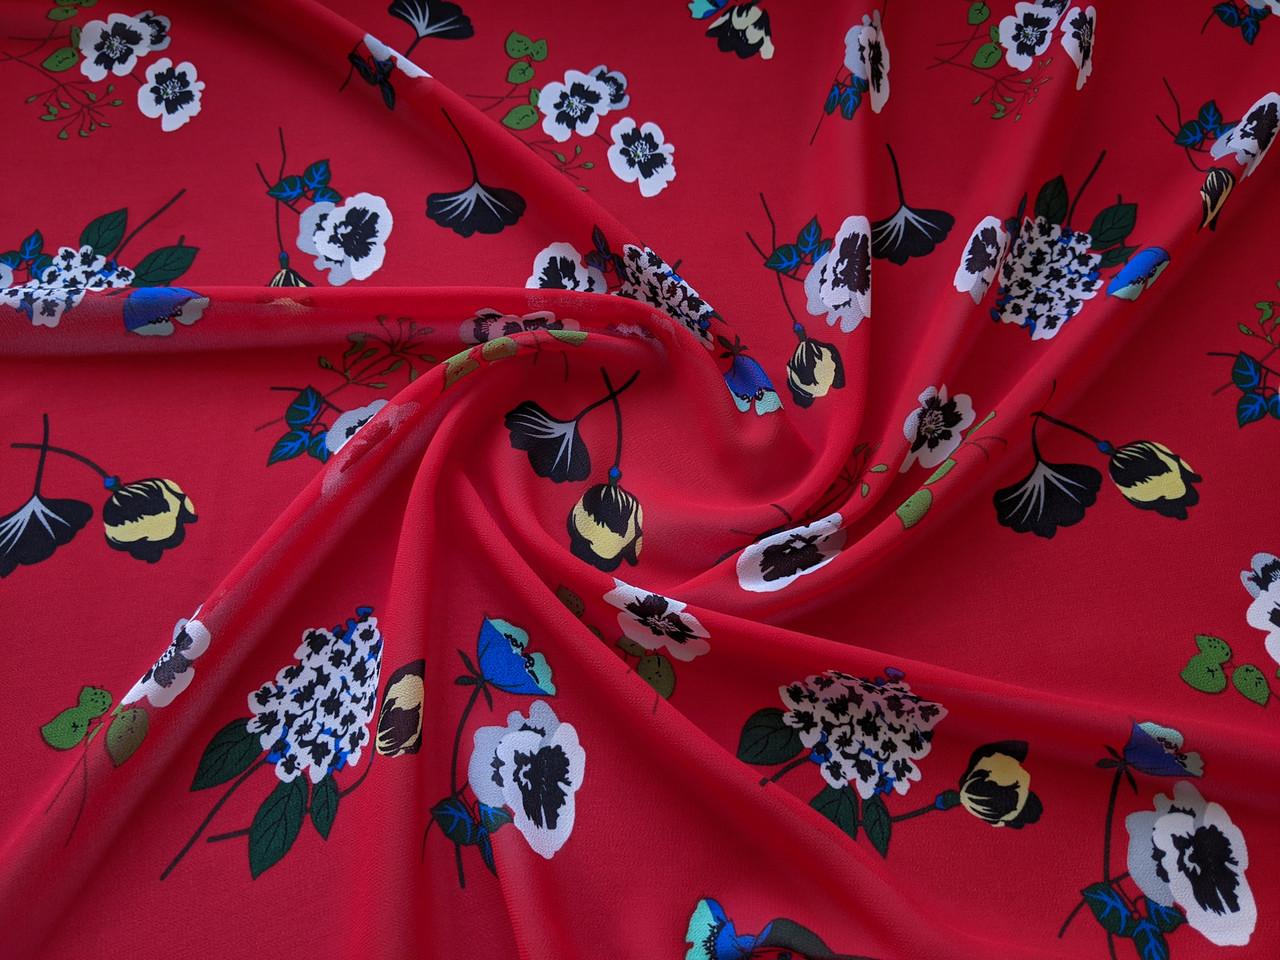 Ткань Шифон креповый цветочная фантазия, красный